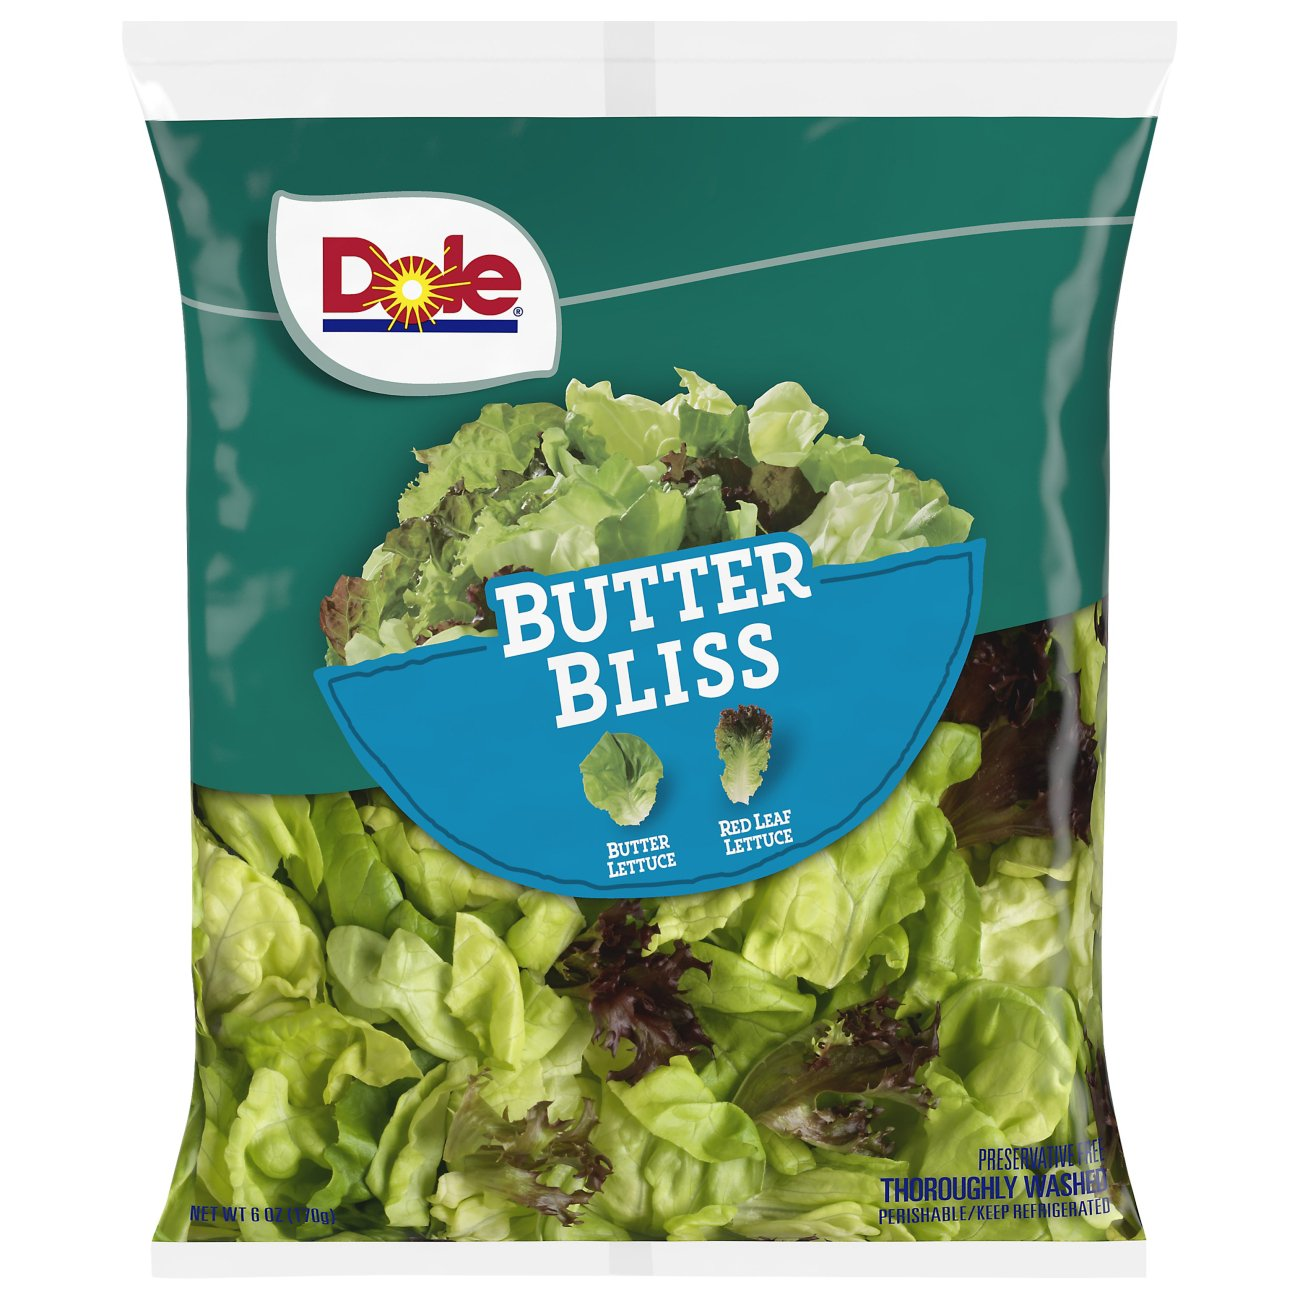 Dole Butter Bliss Salad - Shop Dole Butter Bliss Salad - Shop Dole ...